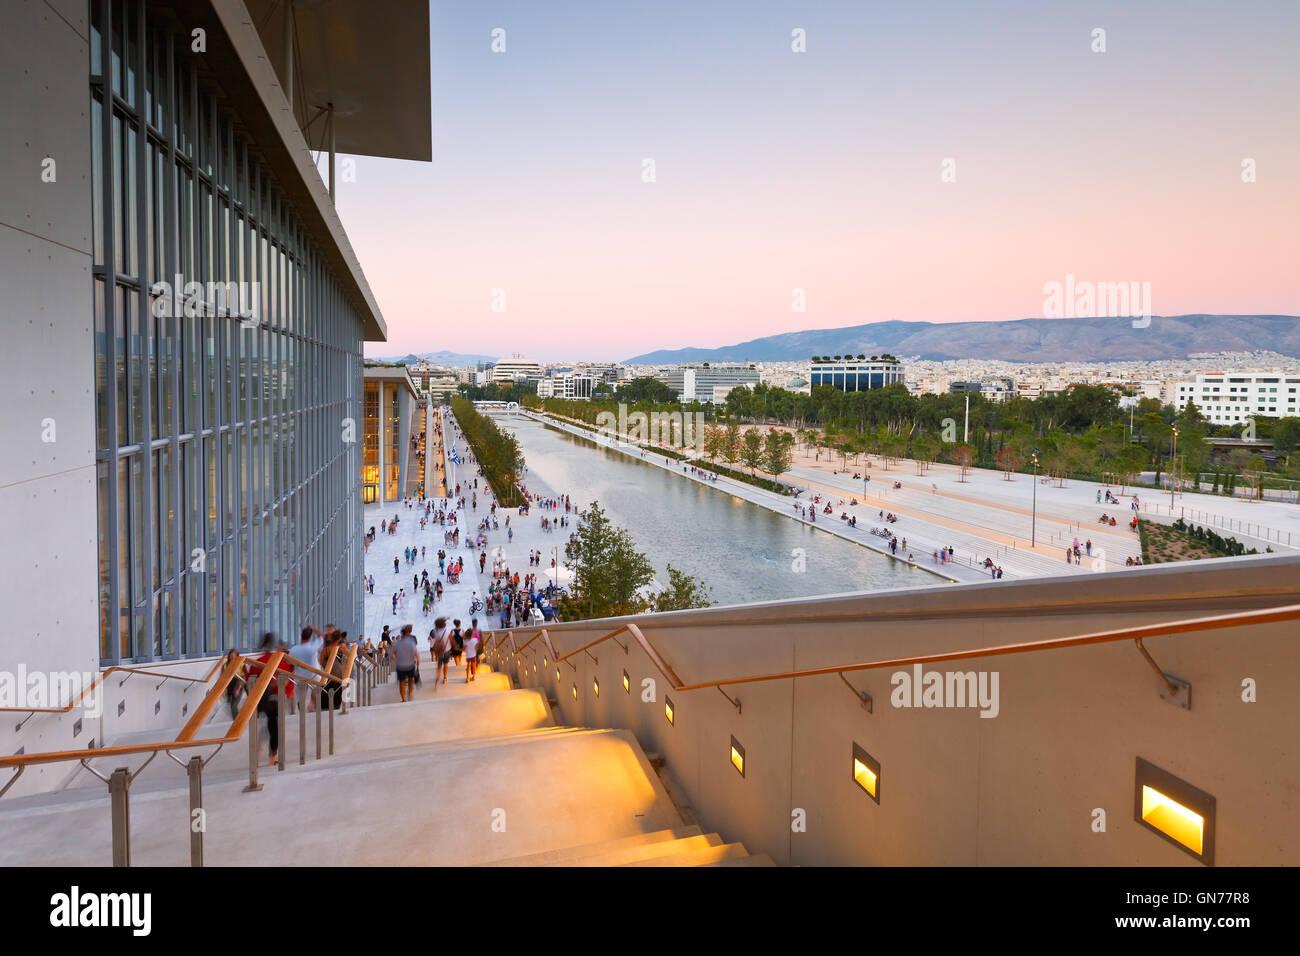 Vue sur centre culturel de la Fondation Stavros Niarchos et ville d'Athènes. Photo Stock